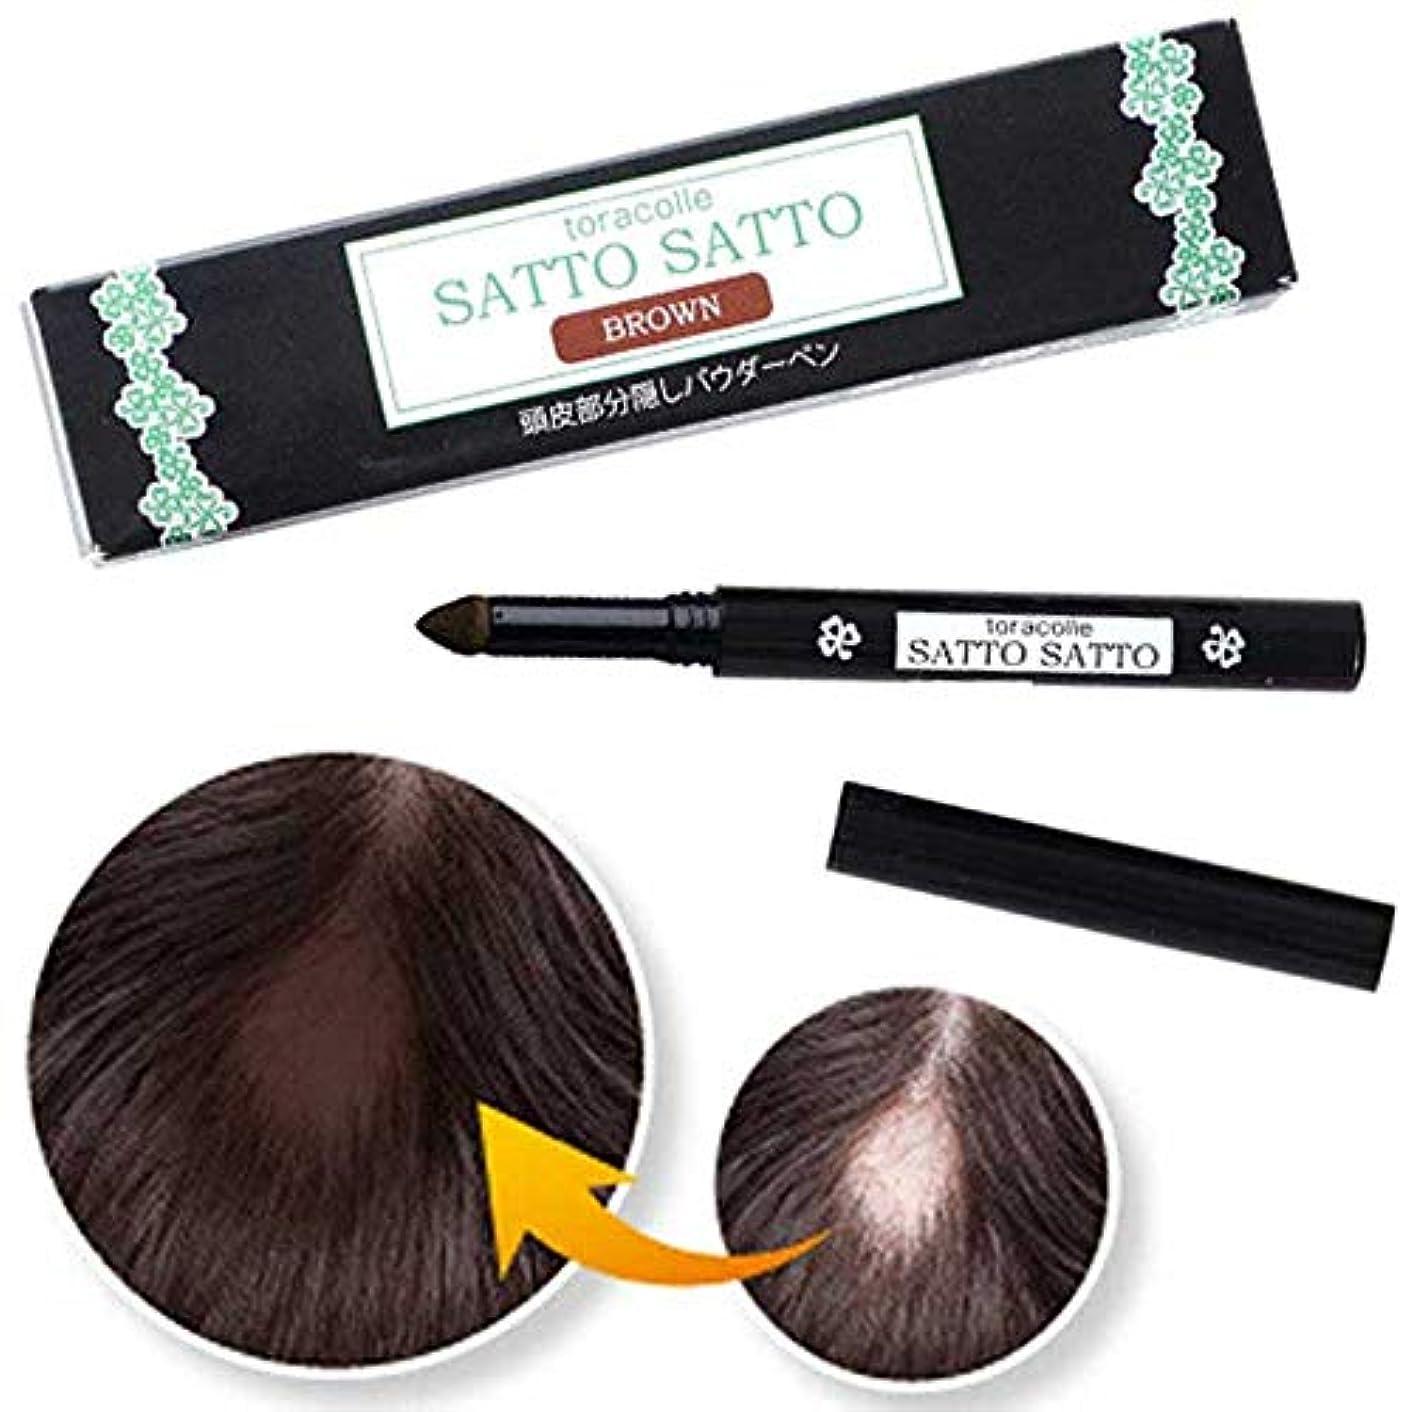 伝導率排除するレクリエーション頭皮部分隠しパウダーペン サットサット 薄毛?円形脱毛症隠し (ブラウン)